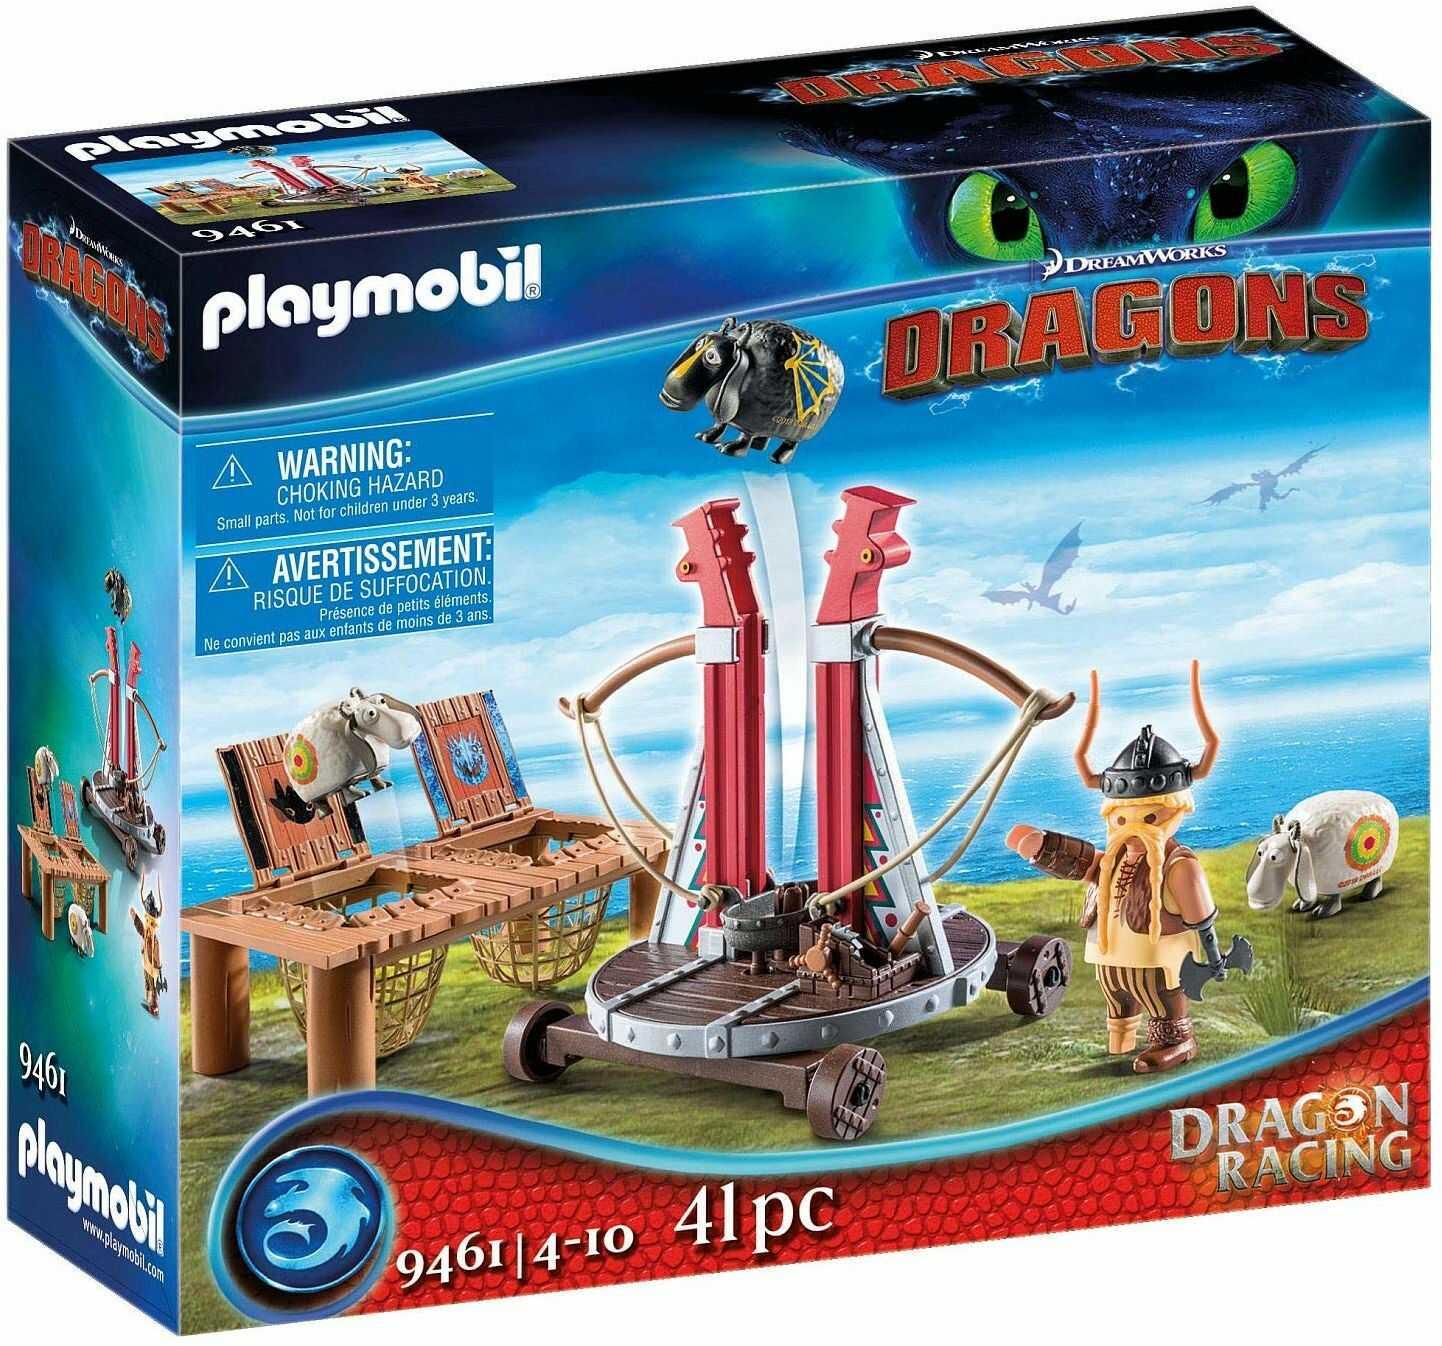 PLAYMOBIL DreamWorks Dragons 9461 Pyskacz Gbur z katapultą do owiec, od 4 lat